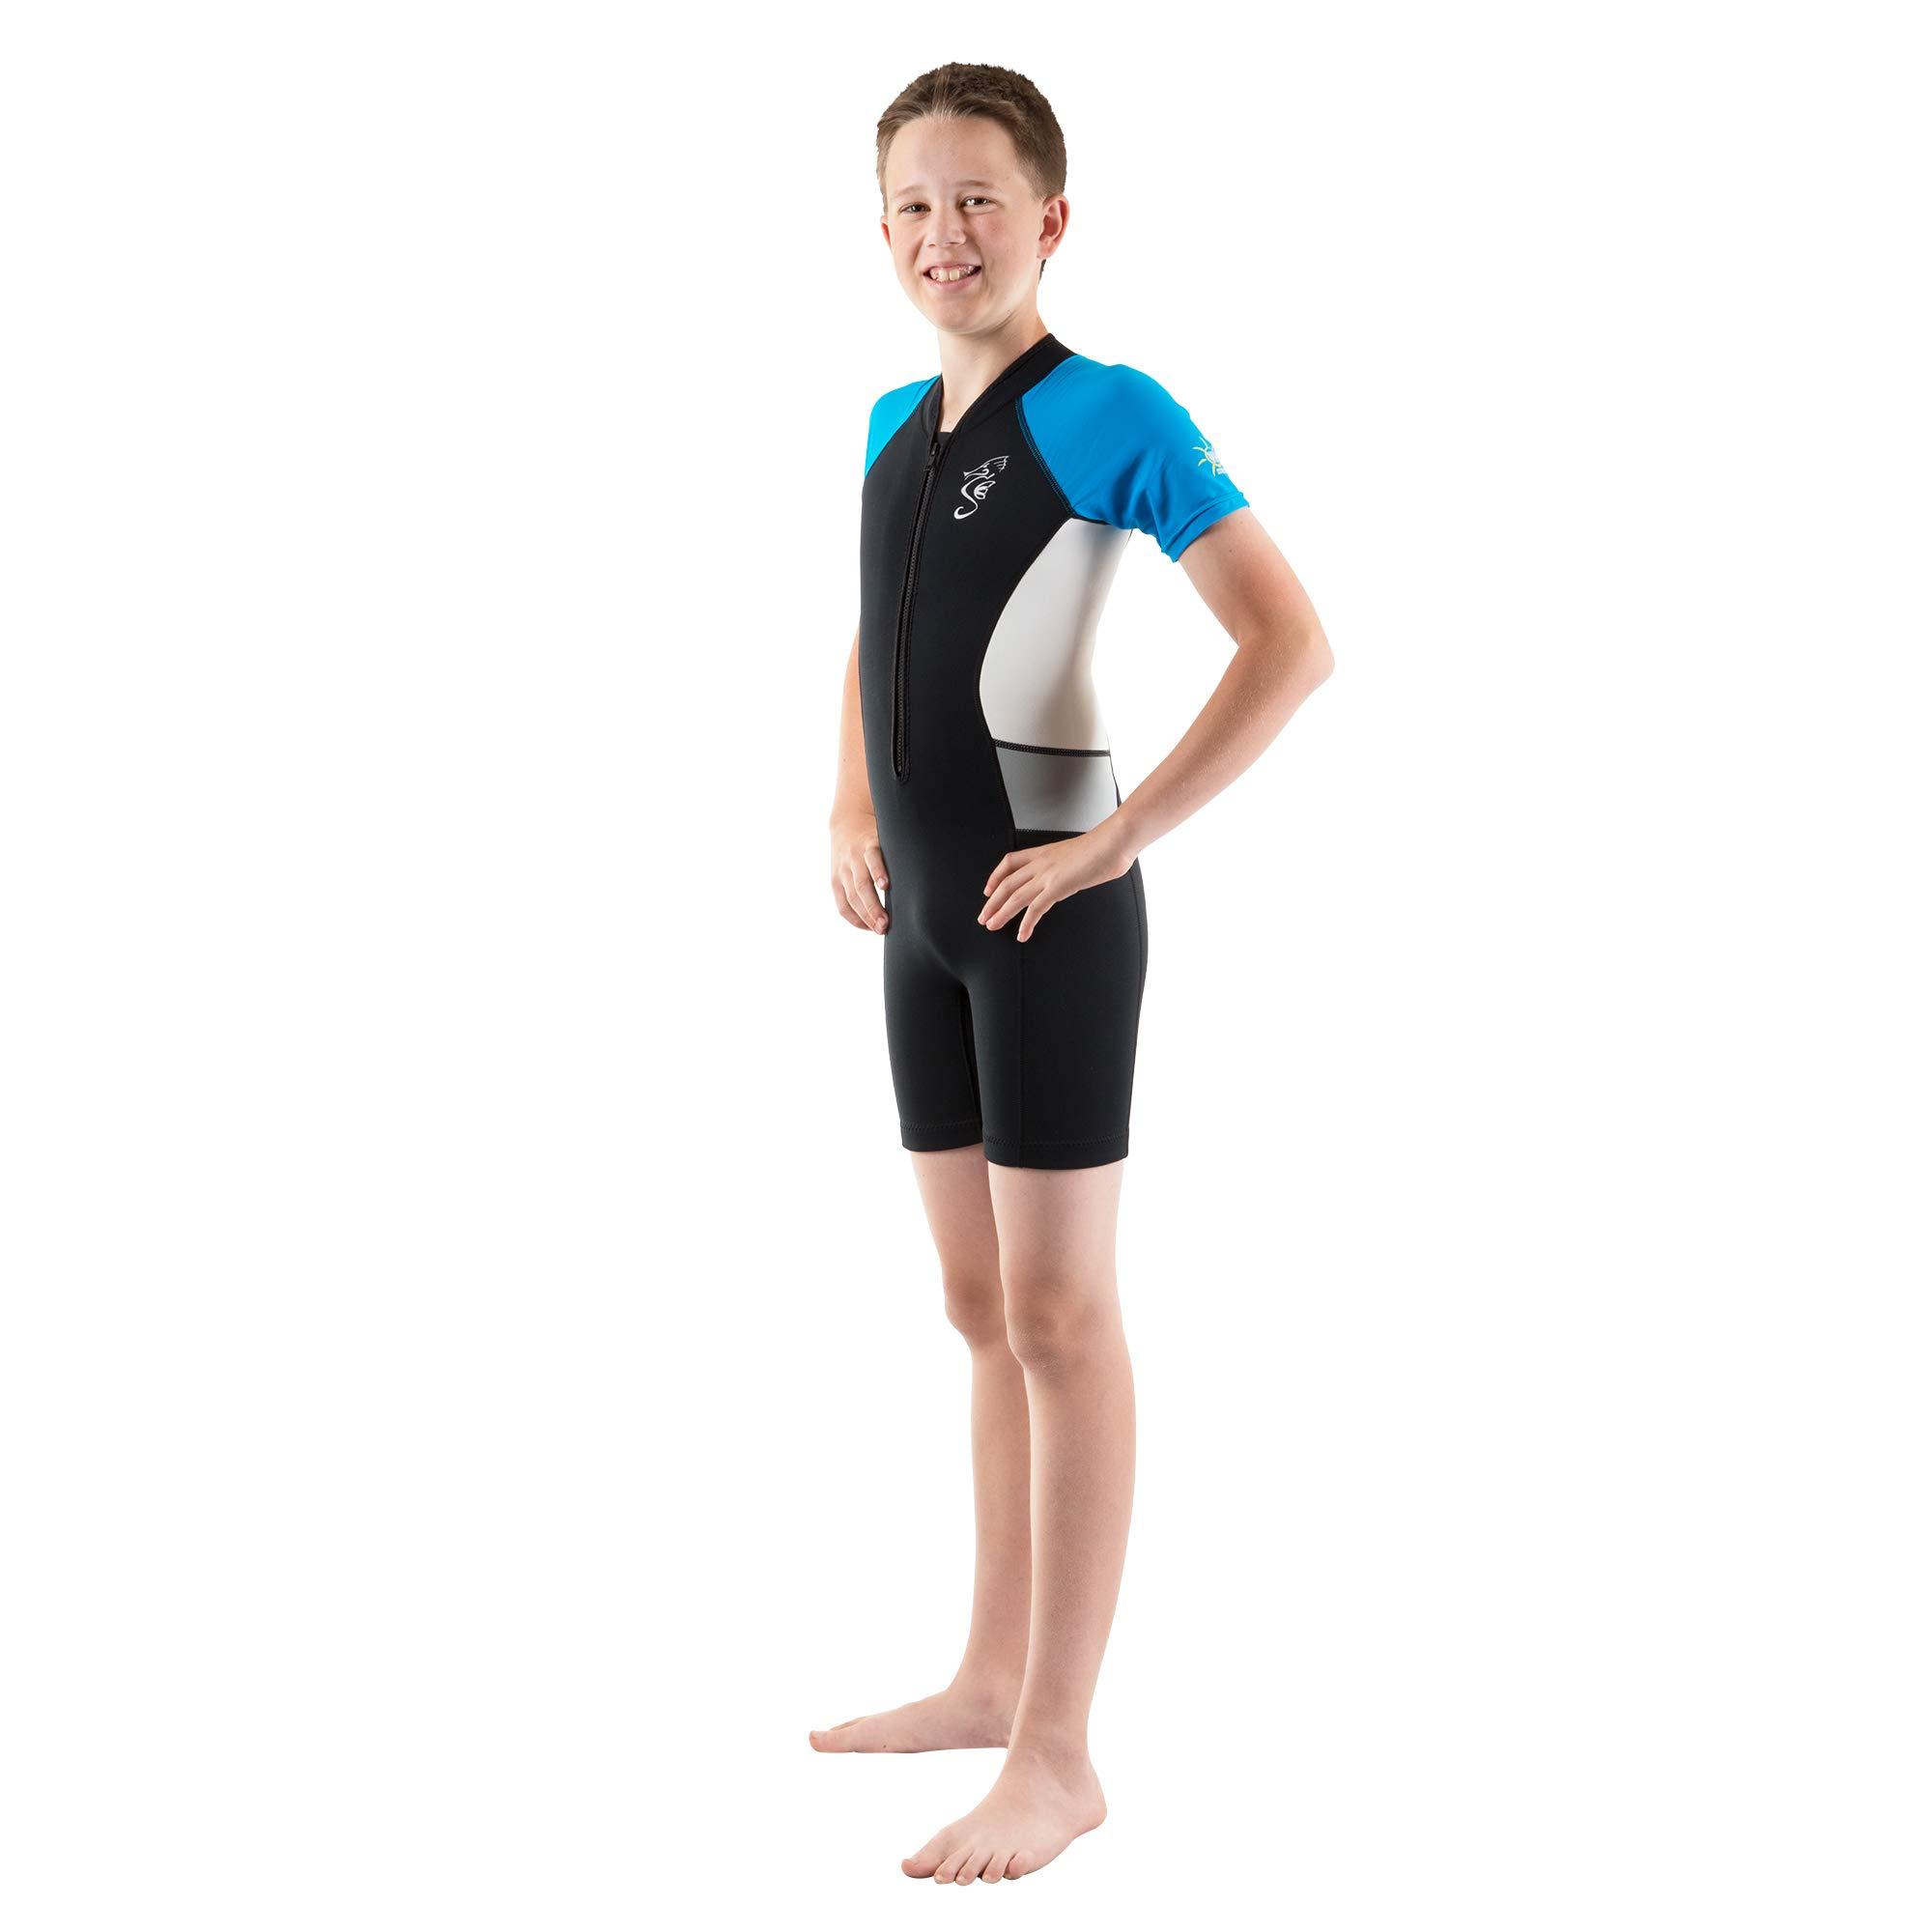 Seavenger Cadet 2mm Kids Shorty | Child Neoprene Wetsuit for Snorkeling, Surfing and Swimming (Blue, 4T) by Seavenger